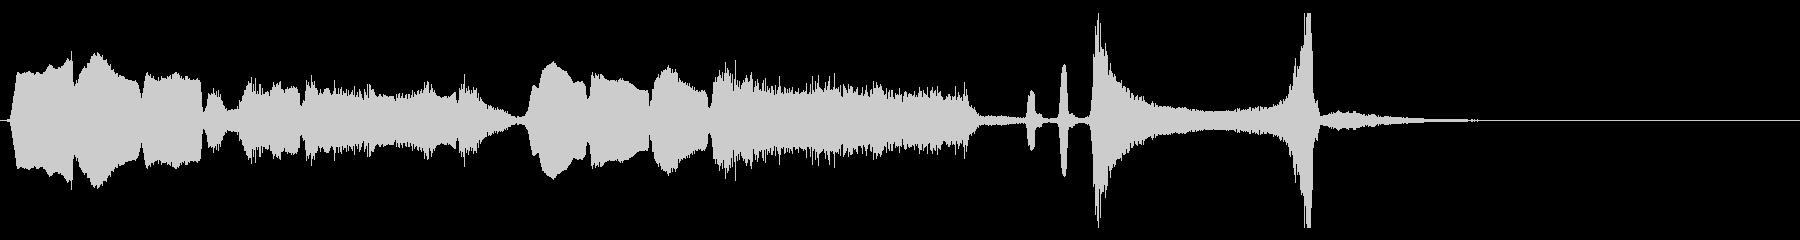 【生演奏】アコーディオンジングル03の未再生の波形